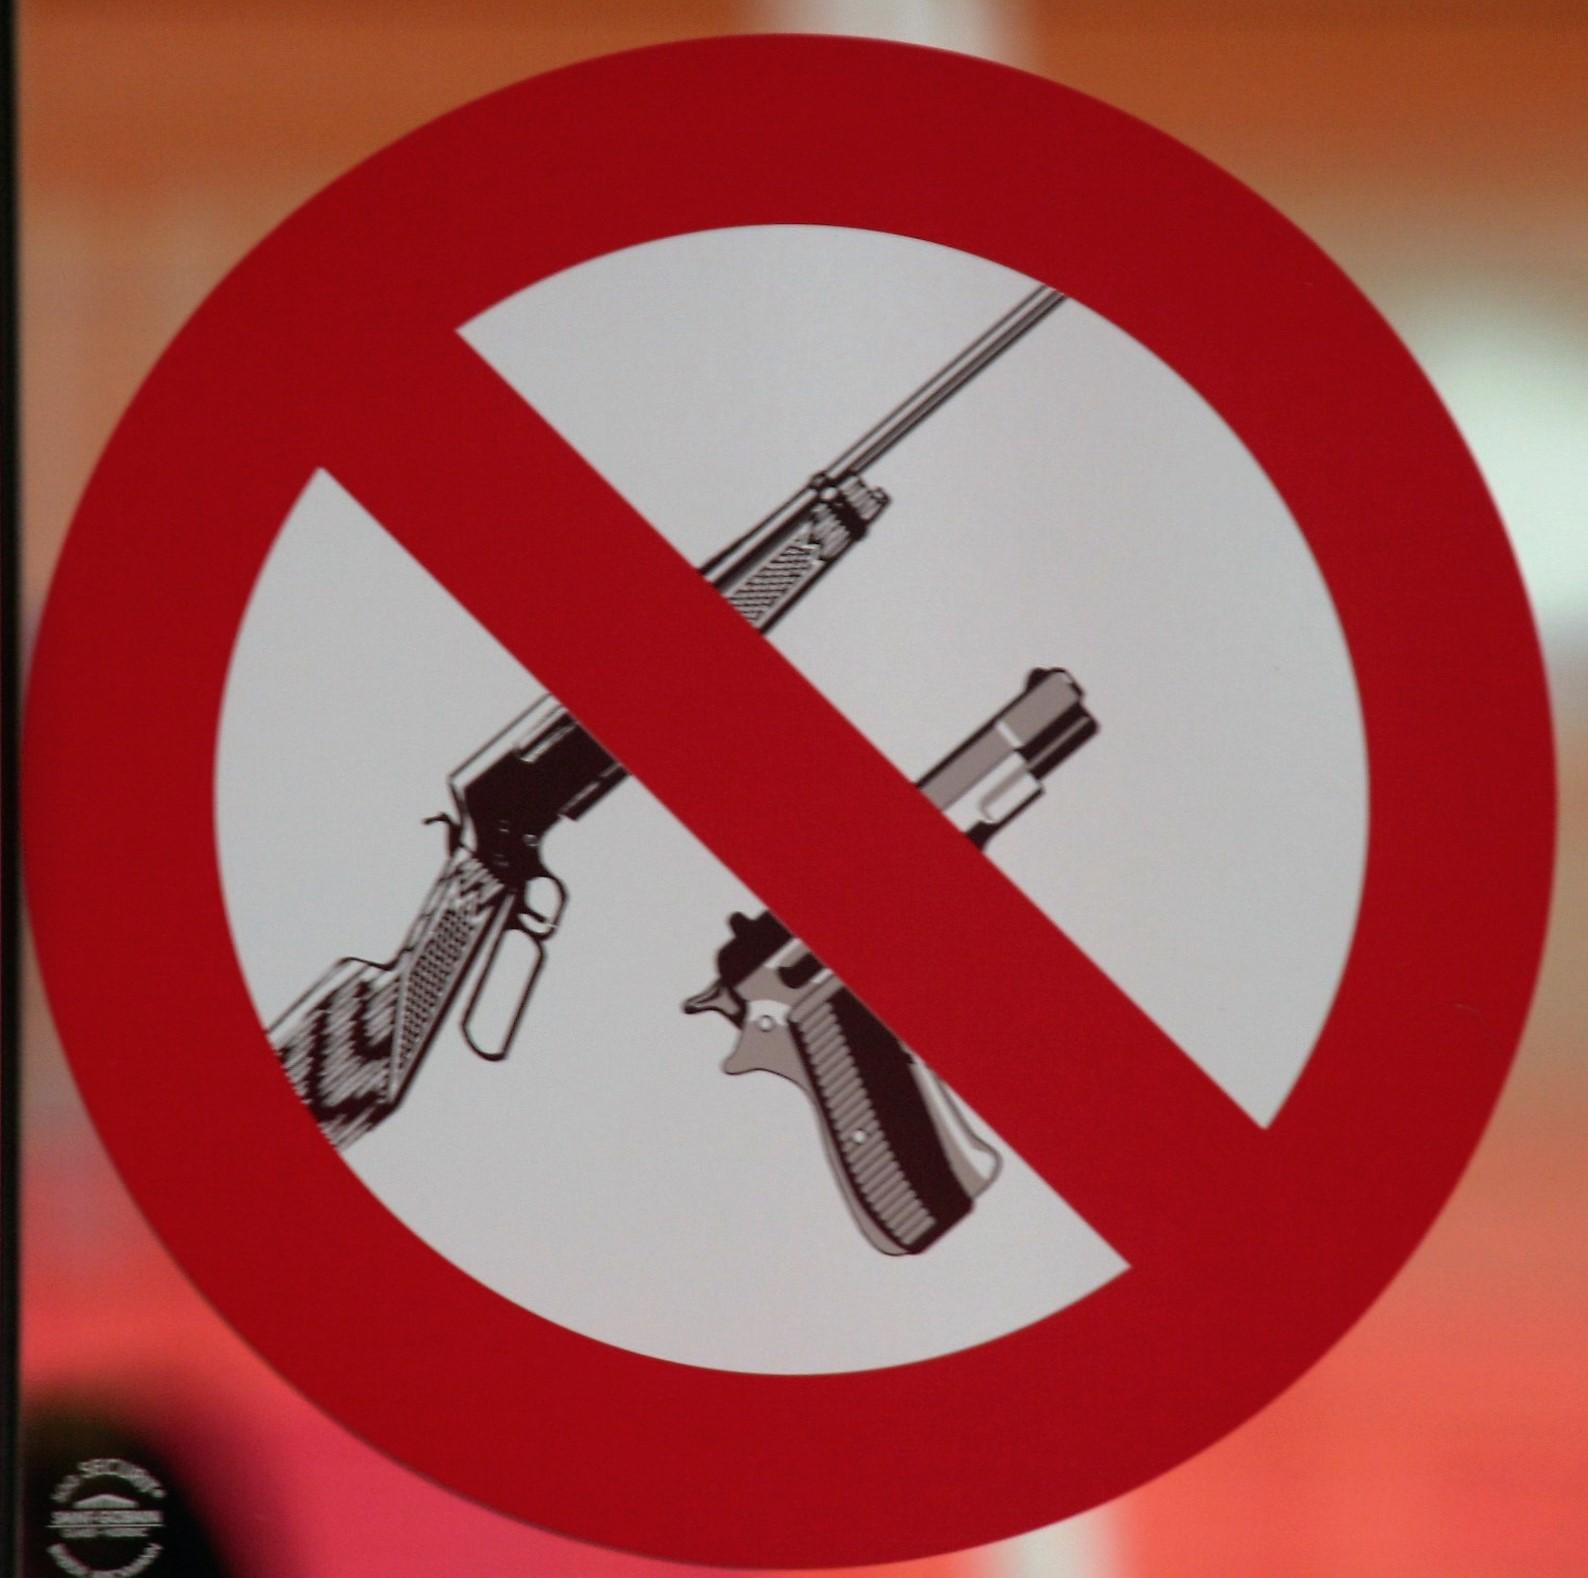 Waffen müssen draußen bleiben